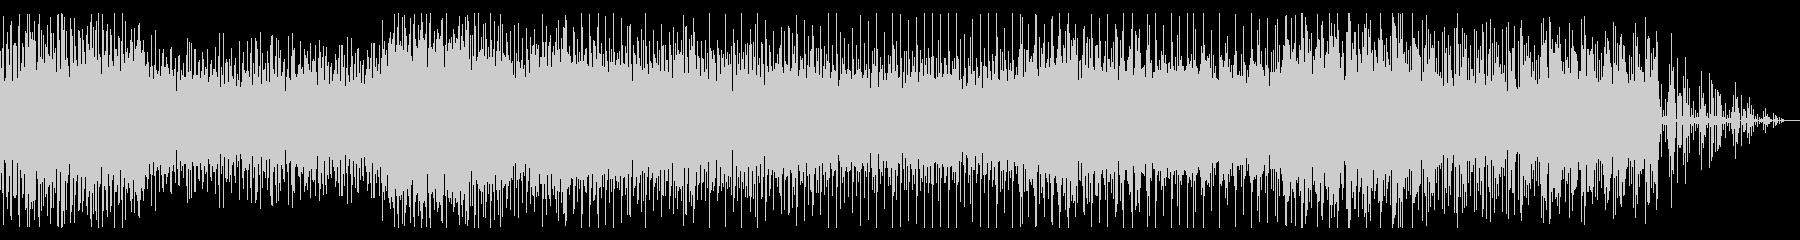 サスペンシブなシネマティックBGMの未再生の波形